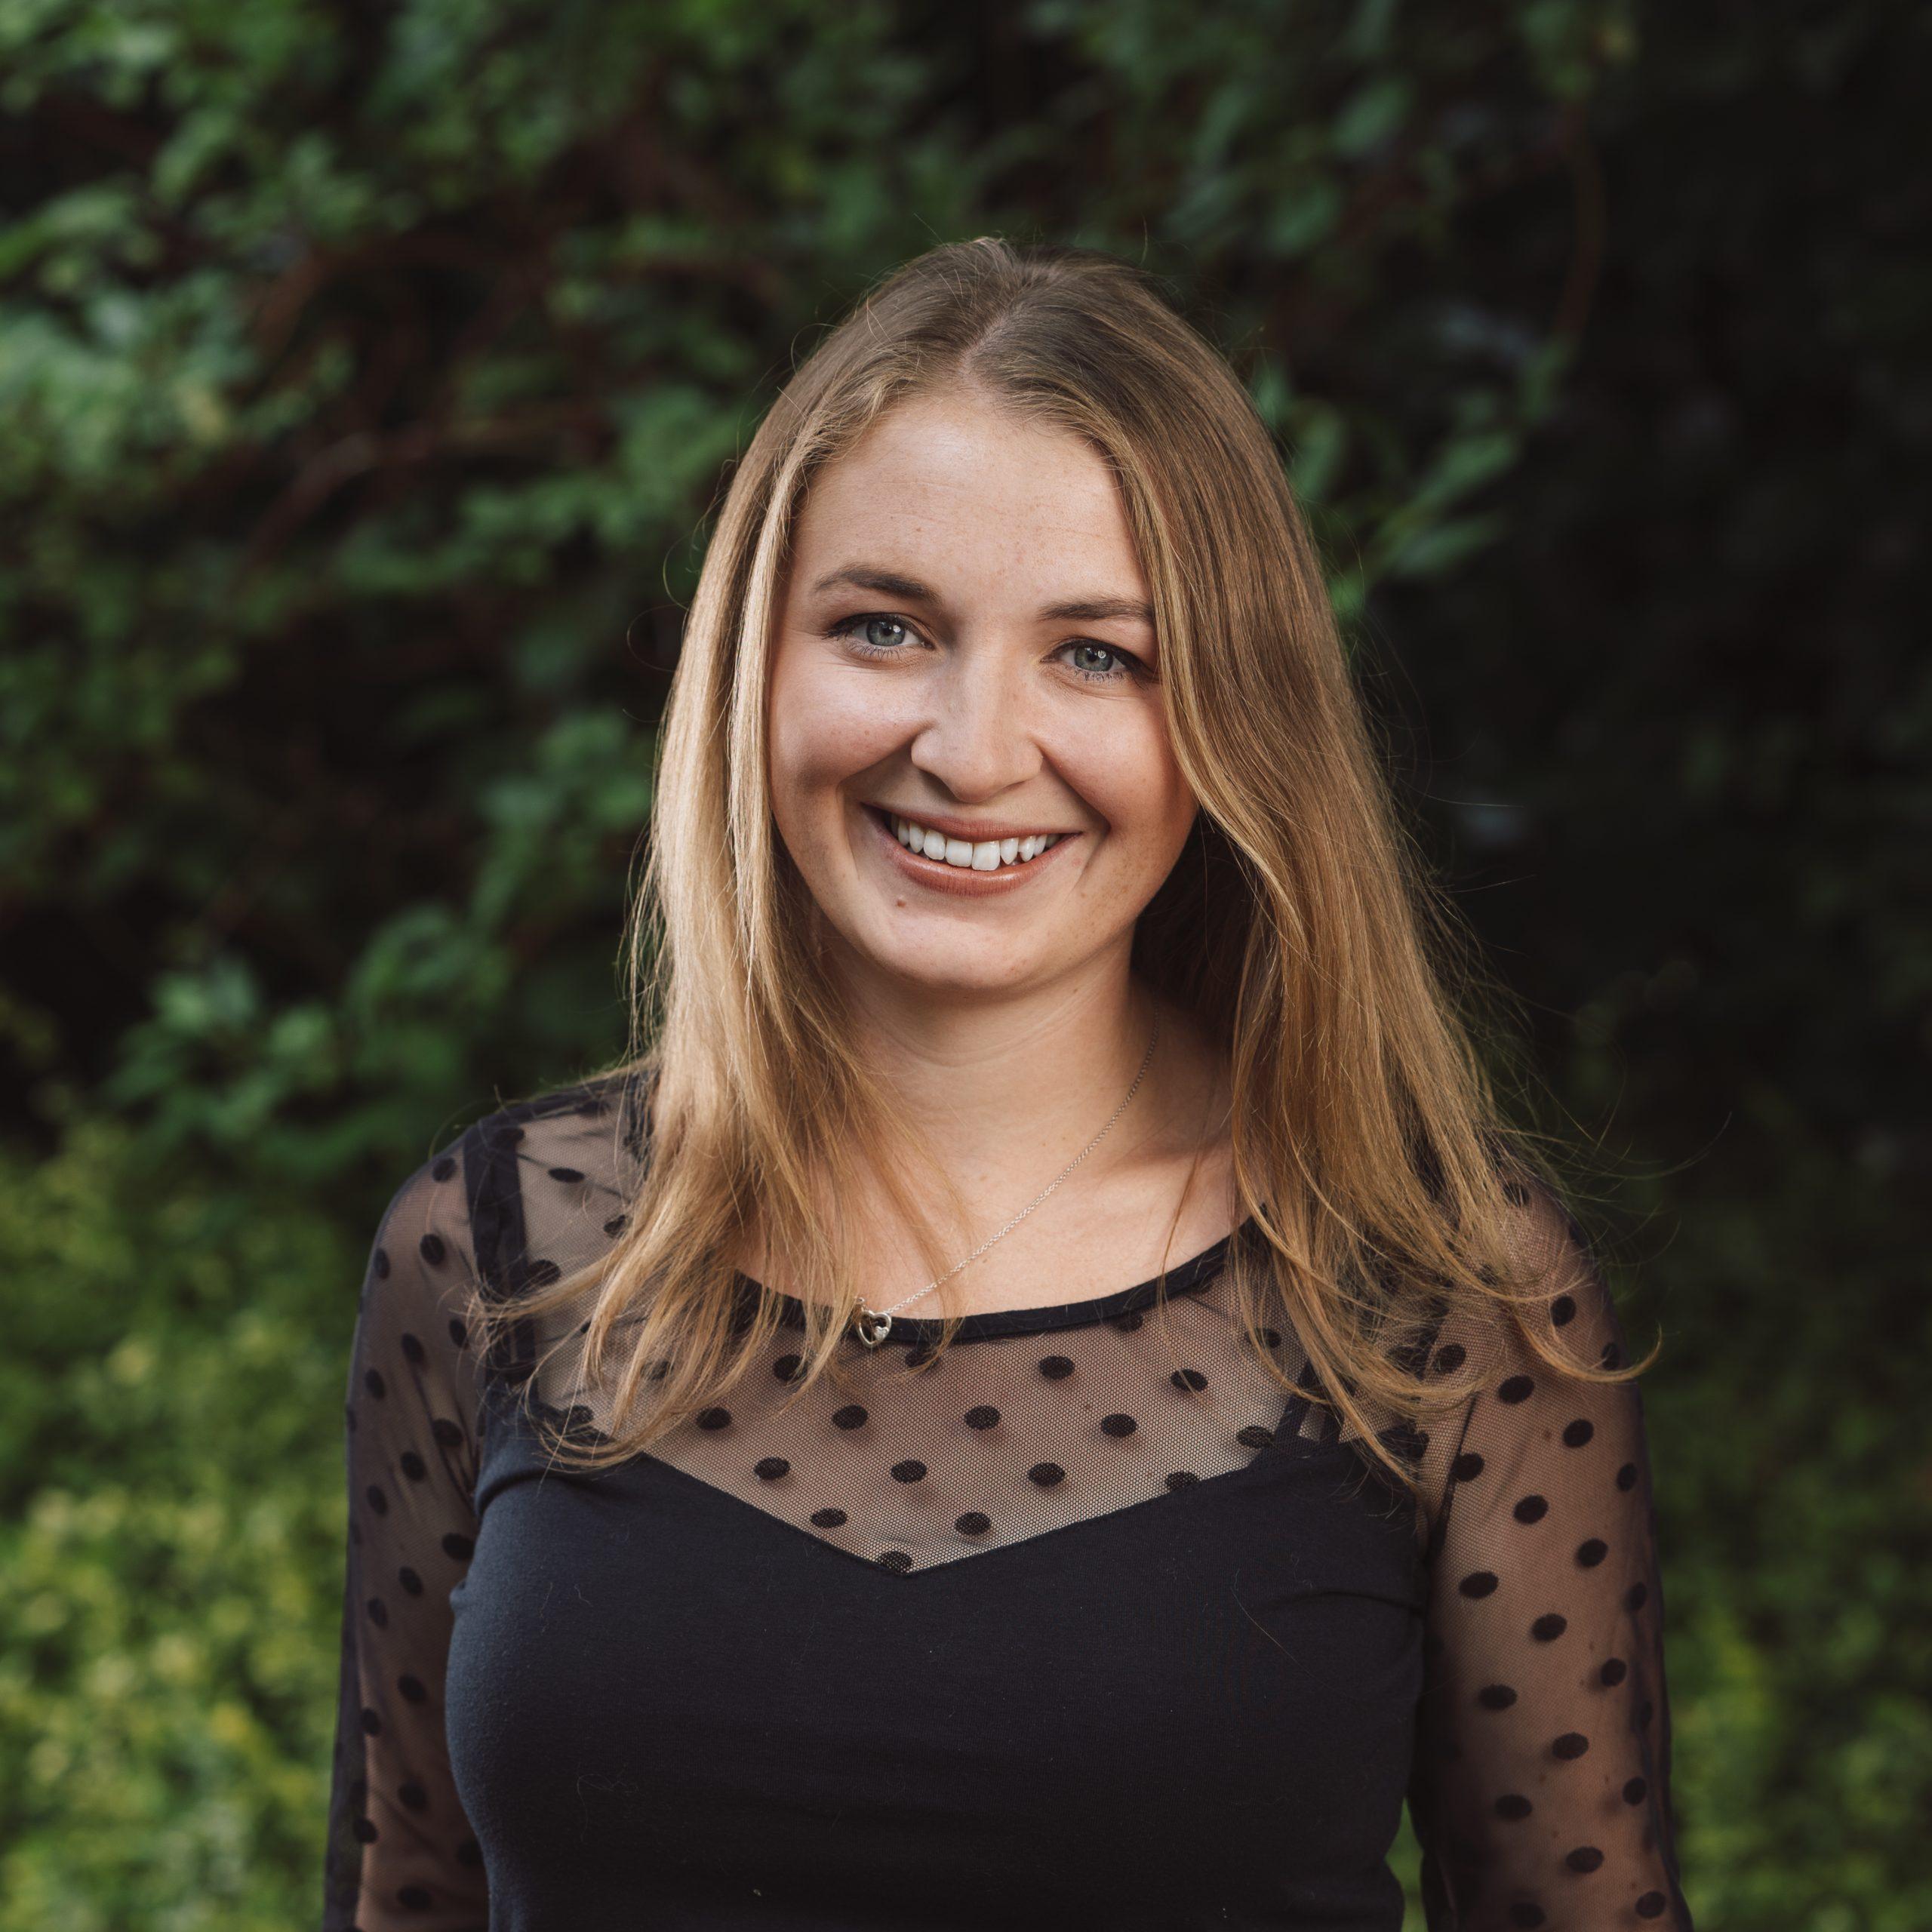 Laura Hortmann